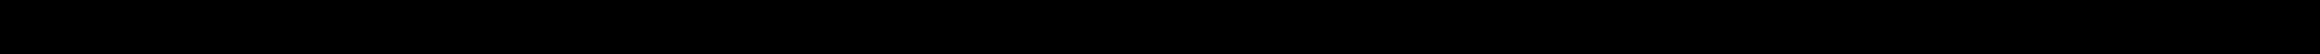 RIDEX 291698151, 291698151A, 425074, 0005868942, 0014201420 Bremžu uzliku kompl., Disku bremzes